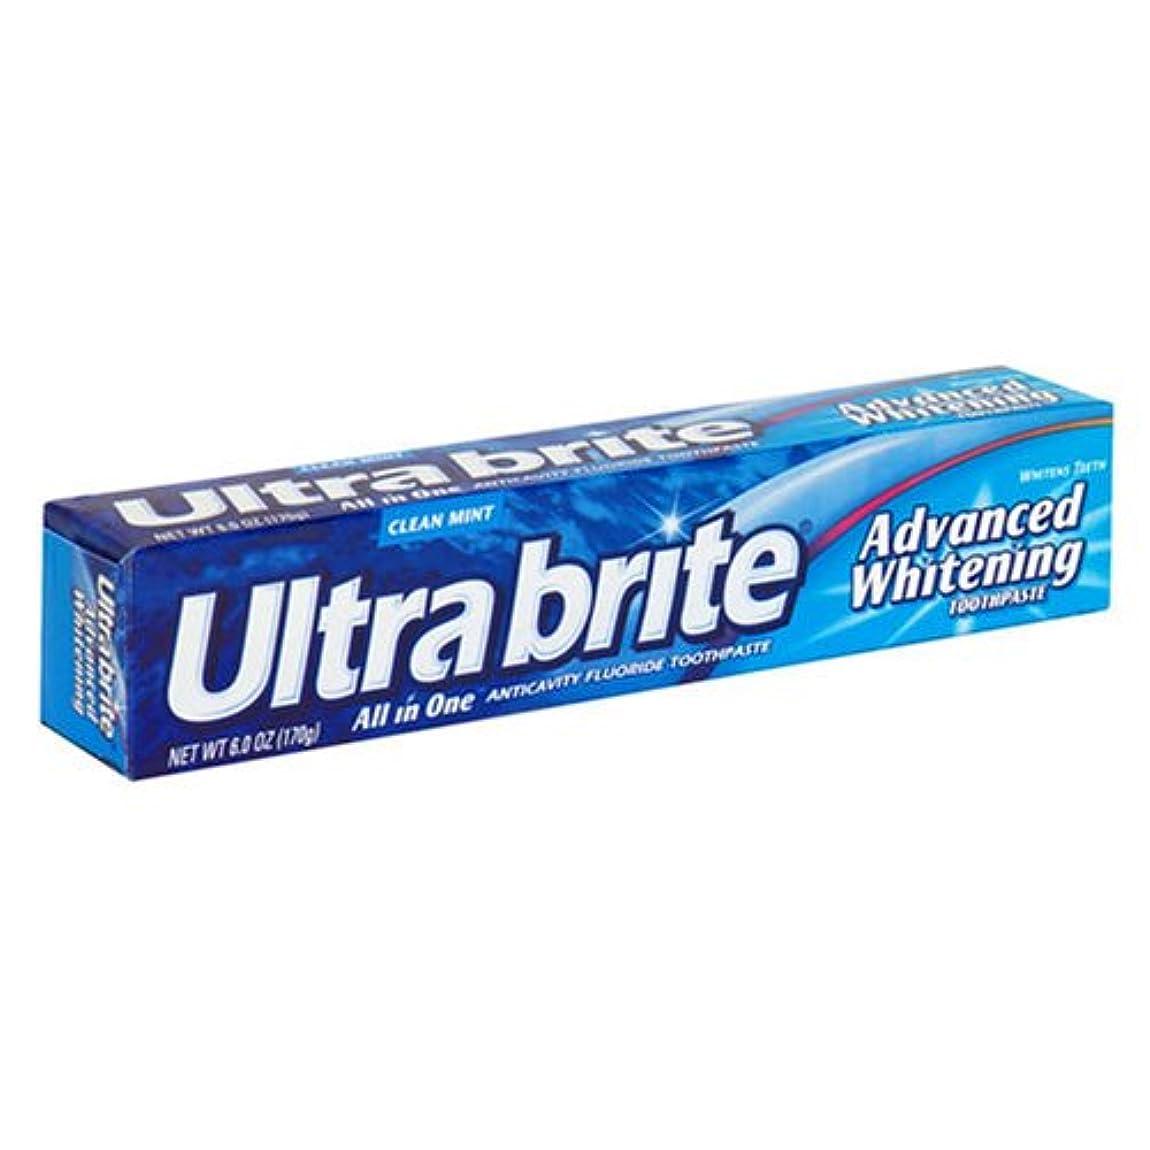 組立貢献する暗殺海外直送肘 Colgate Ultra Brite Advanced Whitening Fluoride Toothpaste, 6 oz